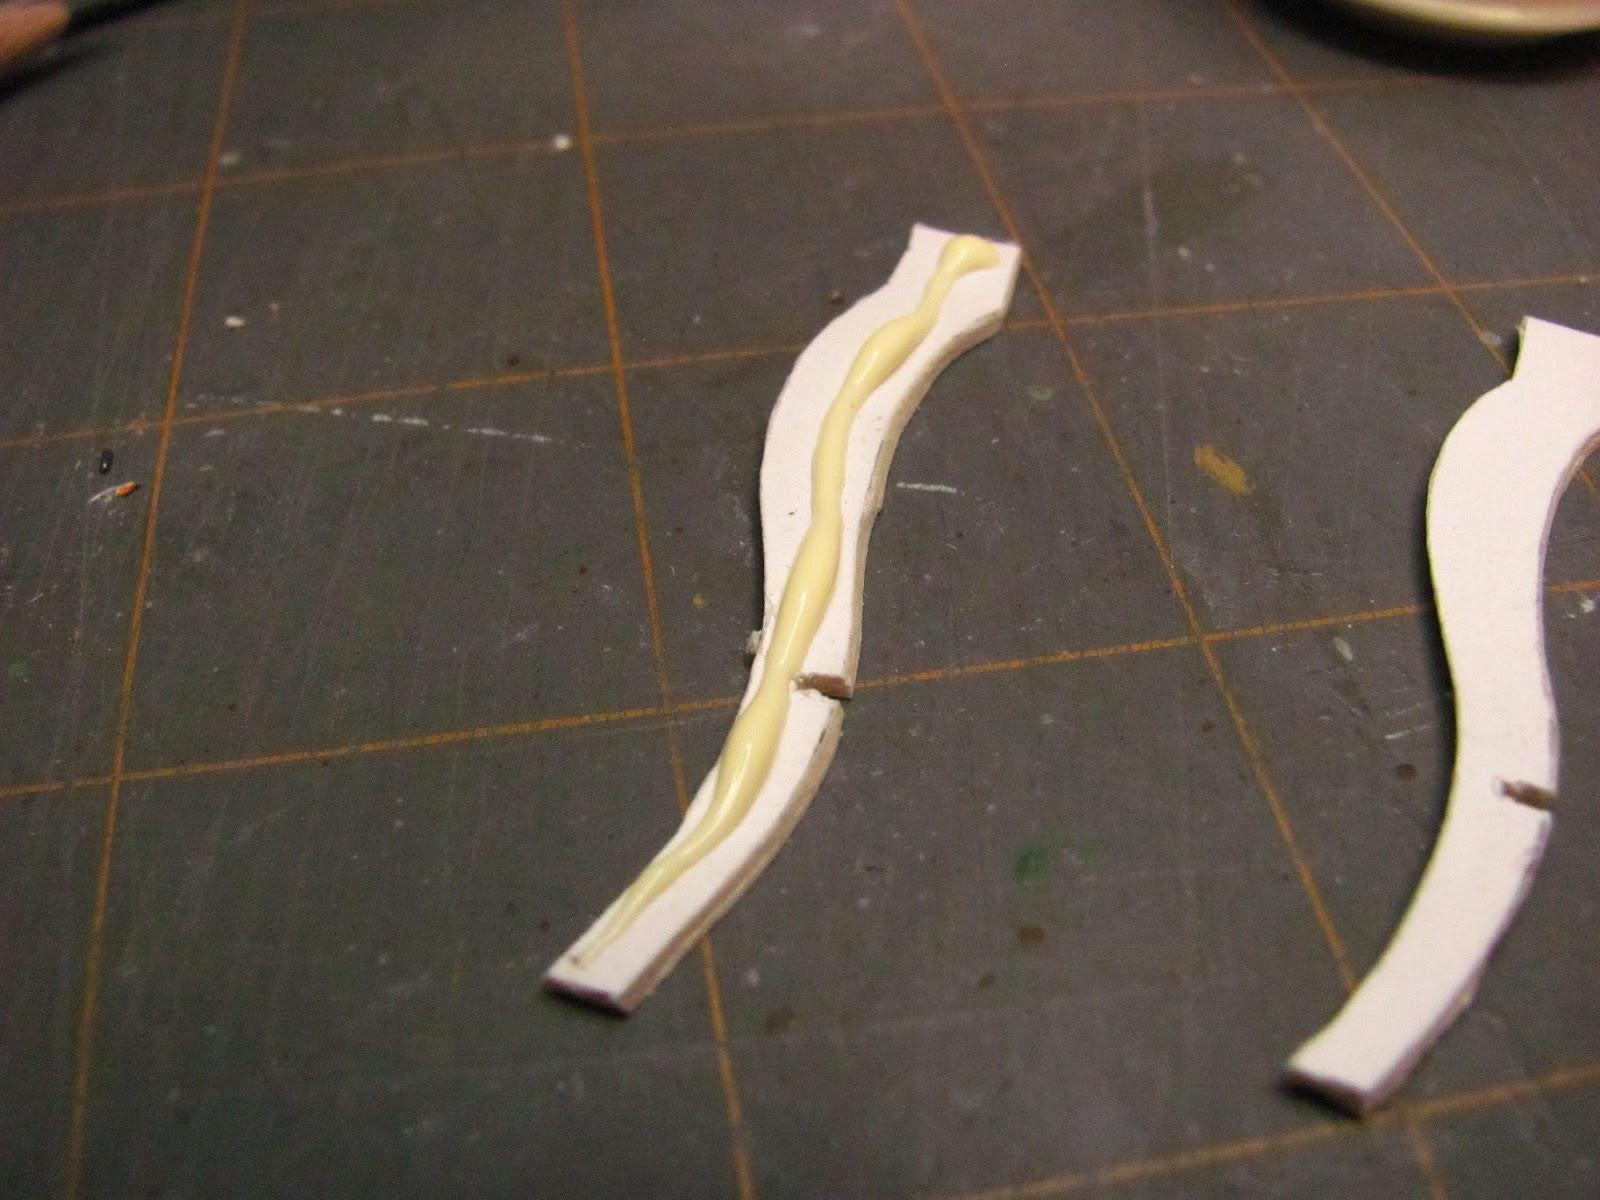 С ума схожу от женских ног 13 фотография